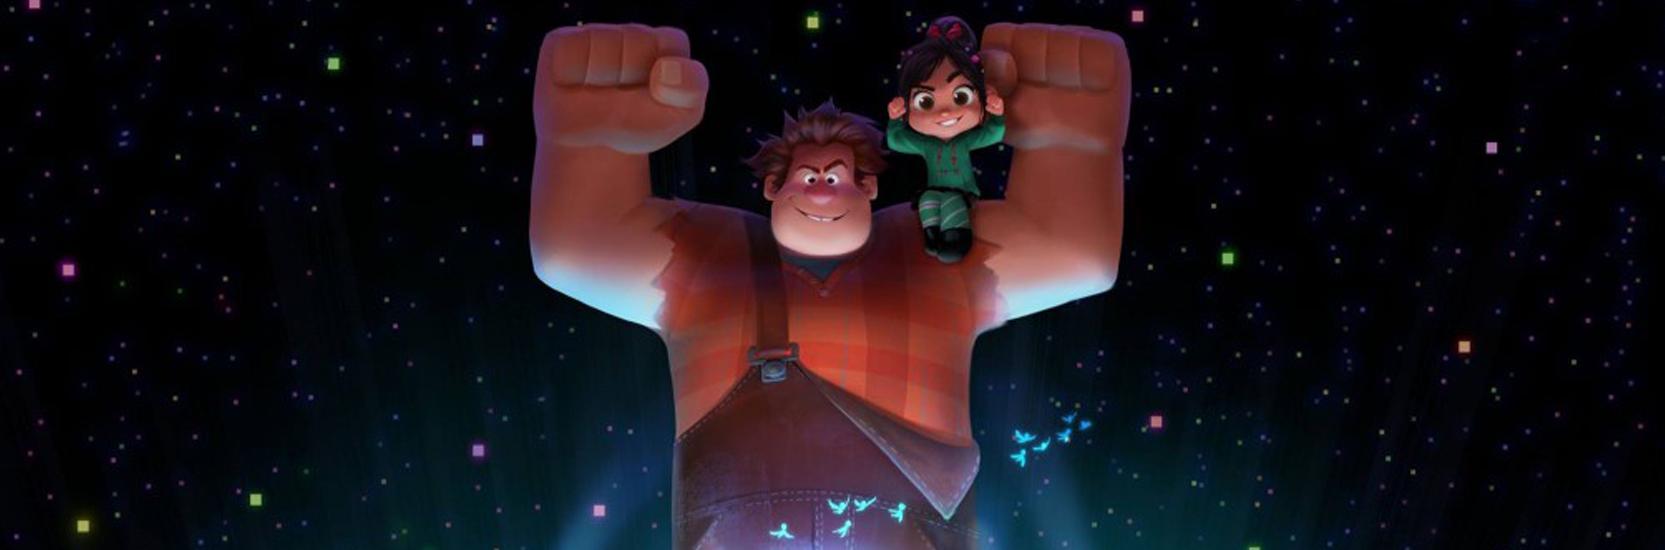 Une bande-annonce pour «Ralph 2.0», premier long-métrage Disney Animation de 2019.